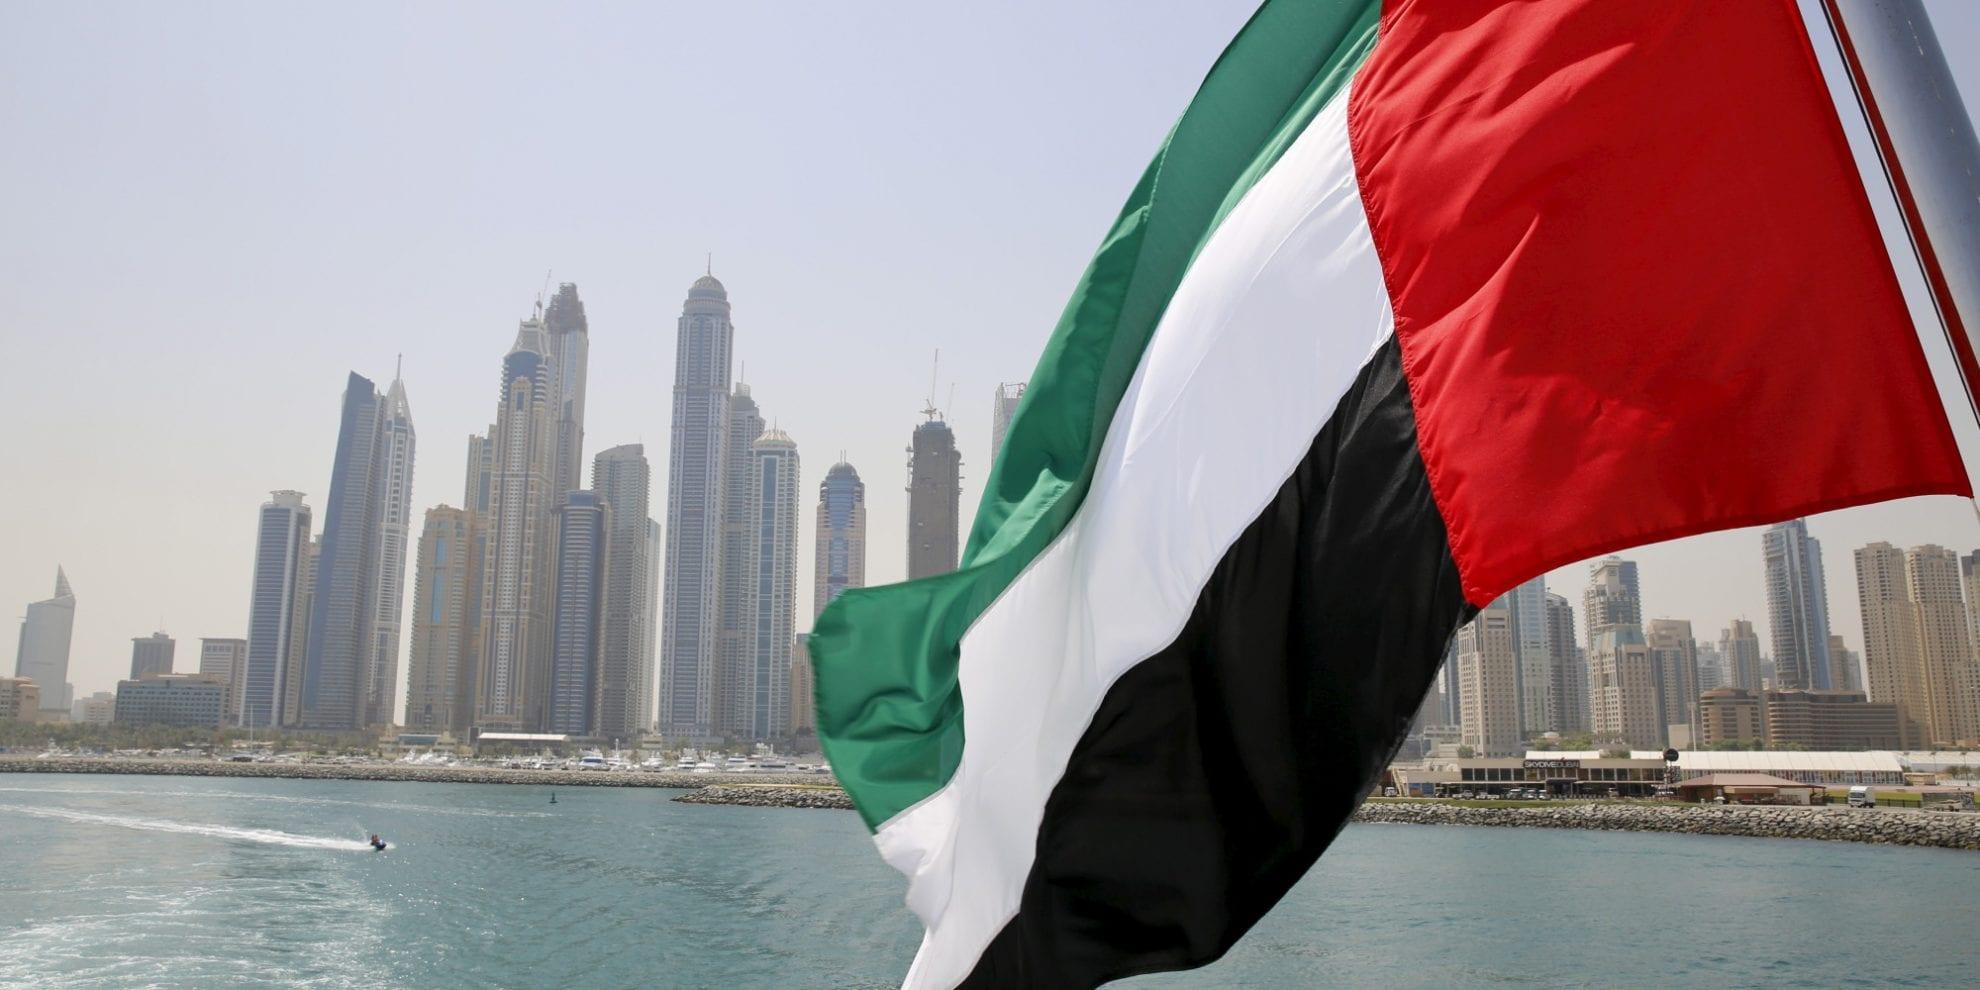 أبو ظبي ودبي تتصدران قائمة المدن الآمنة في الشرق الأوسط للعام 2021